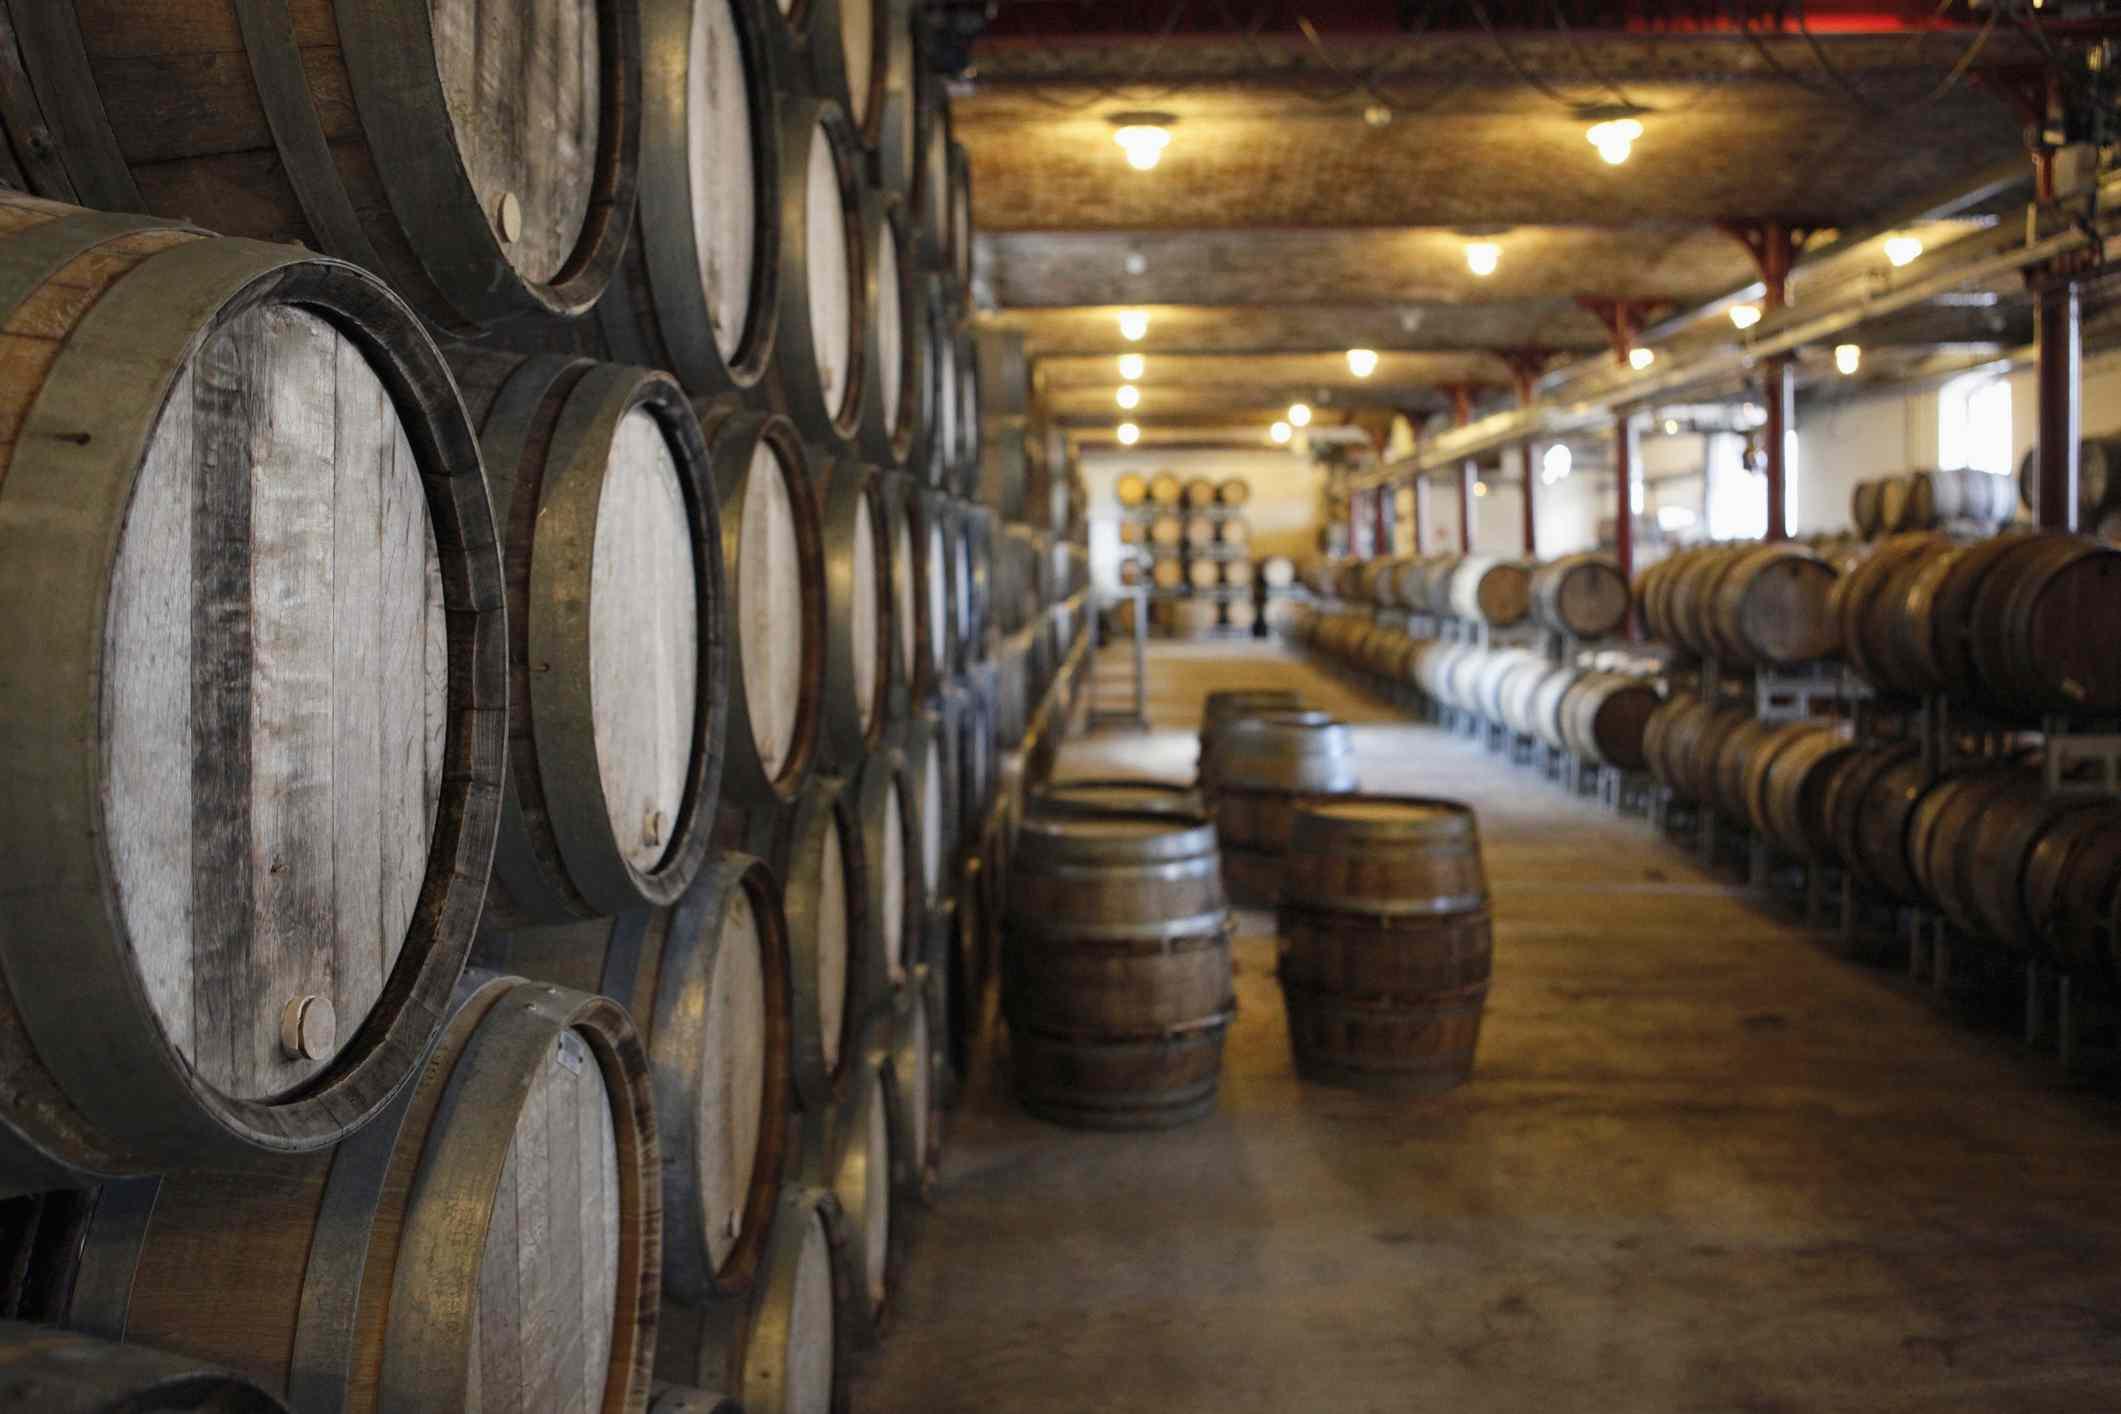 Oak barrels in a winery.